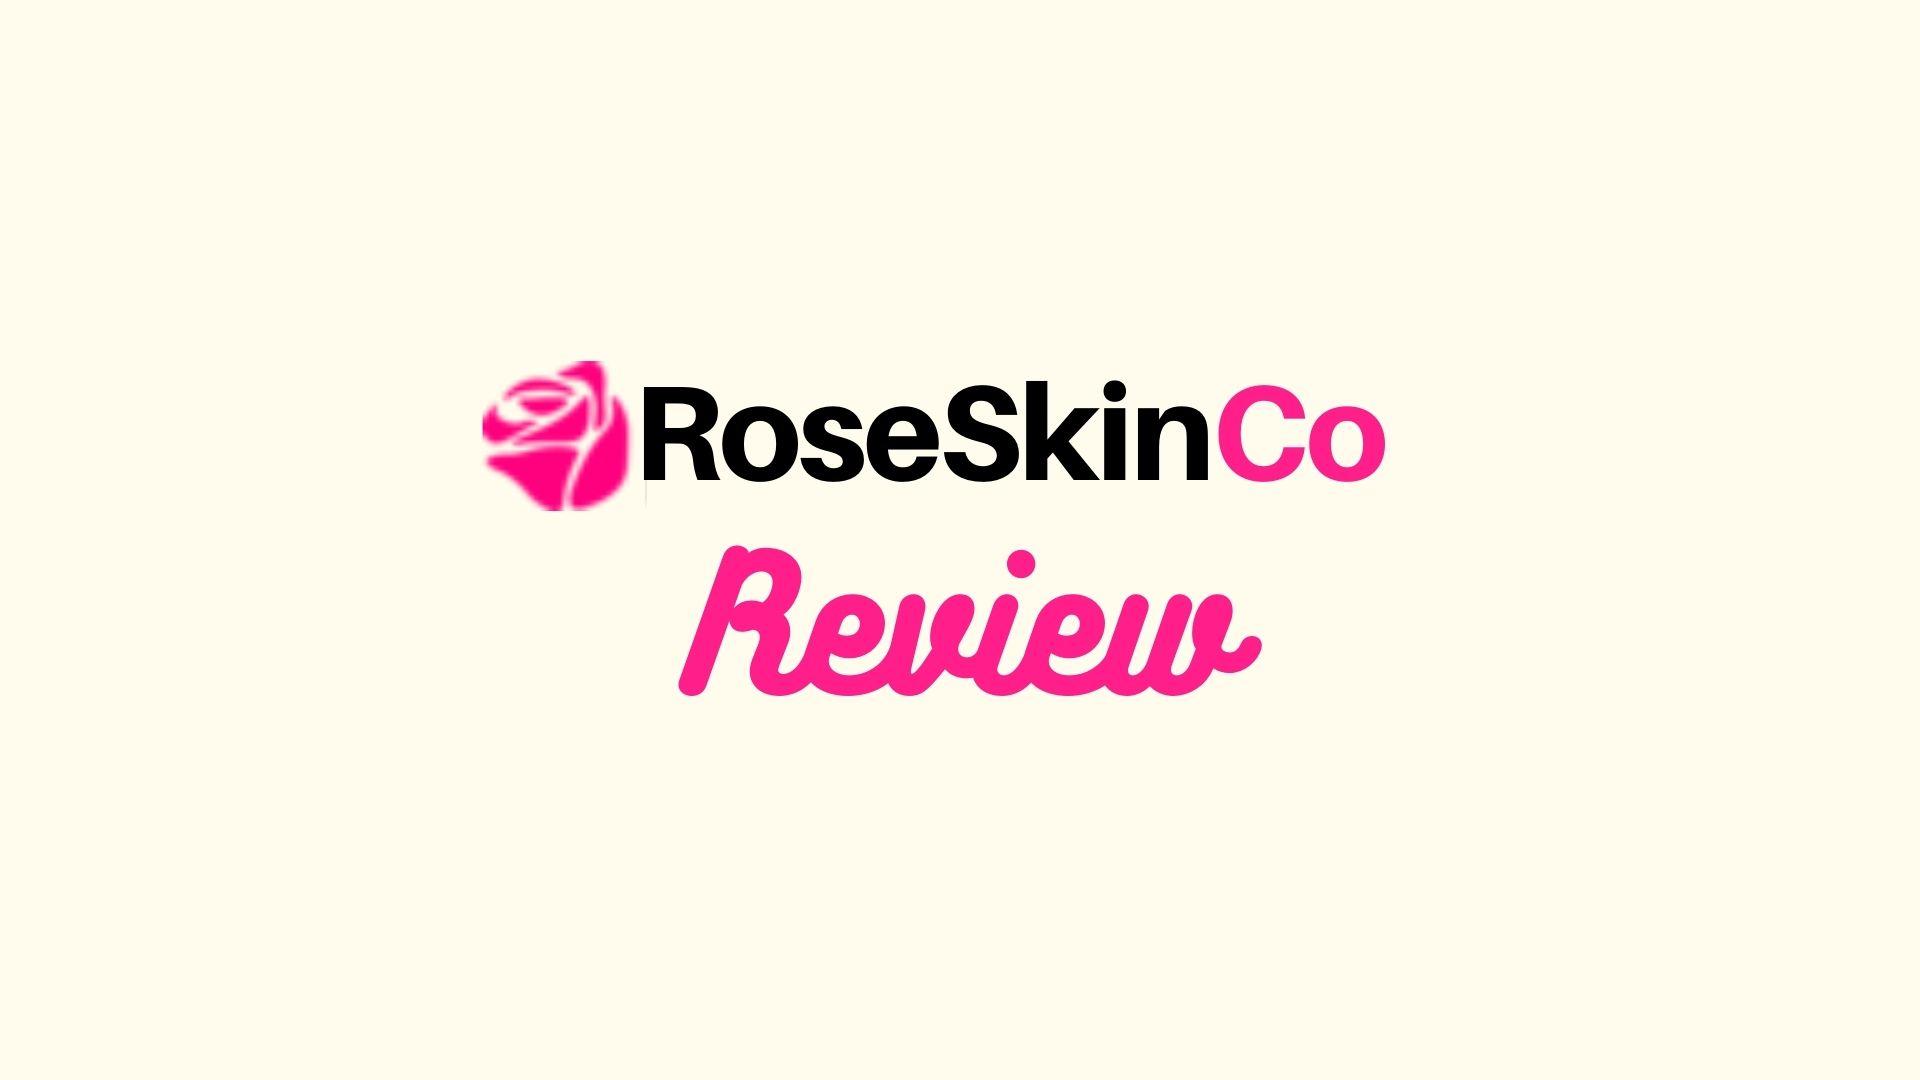 RoseSkinCo